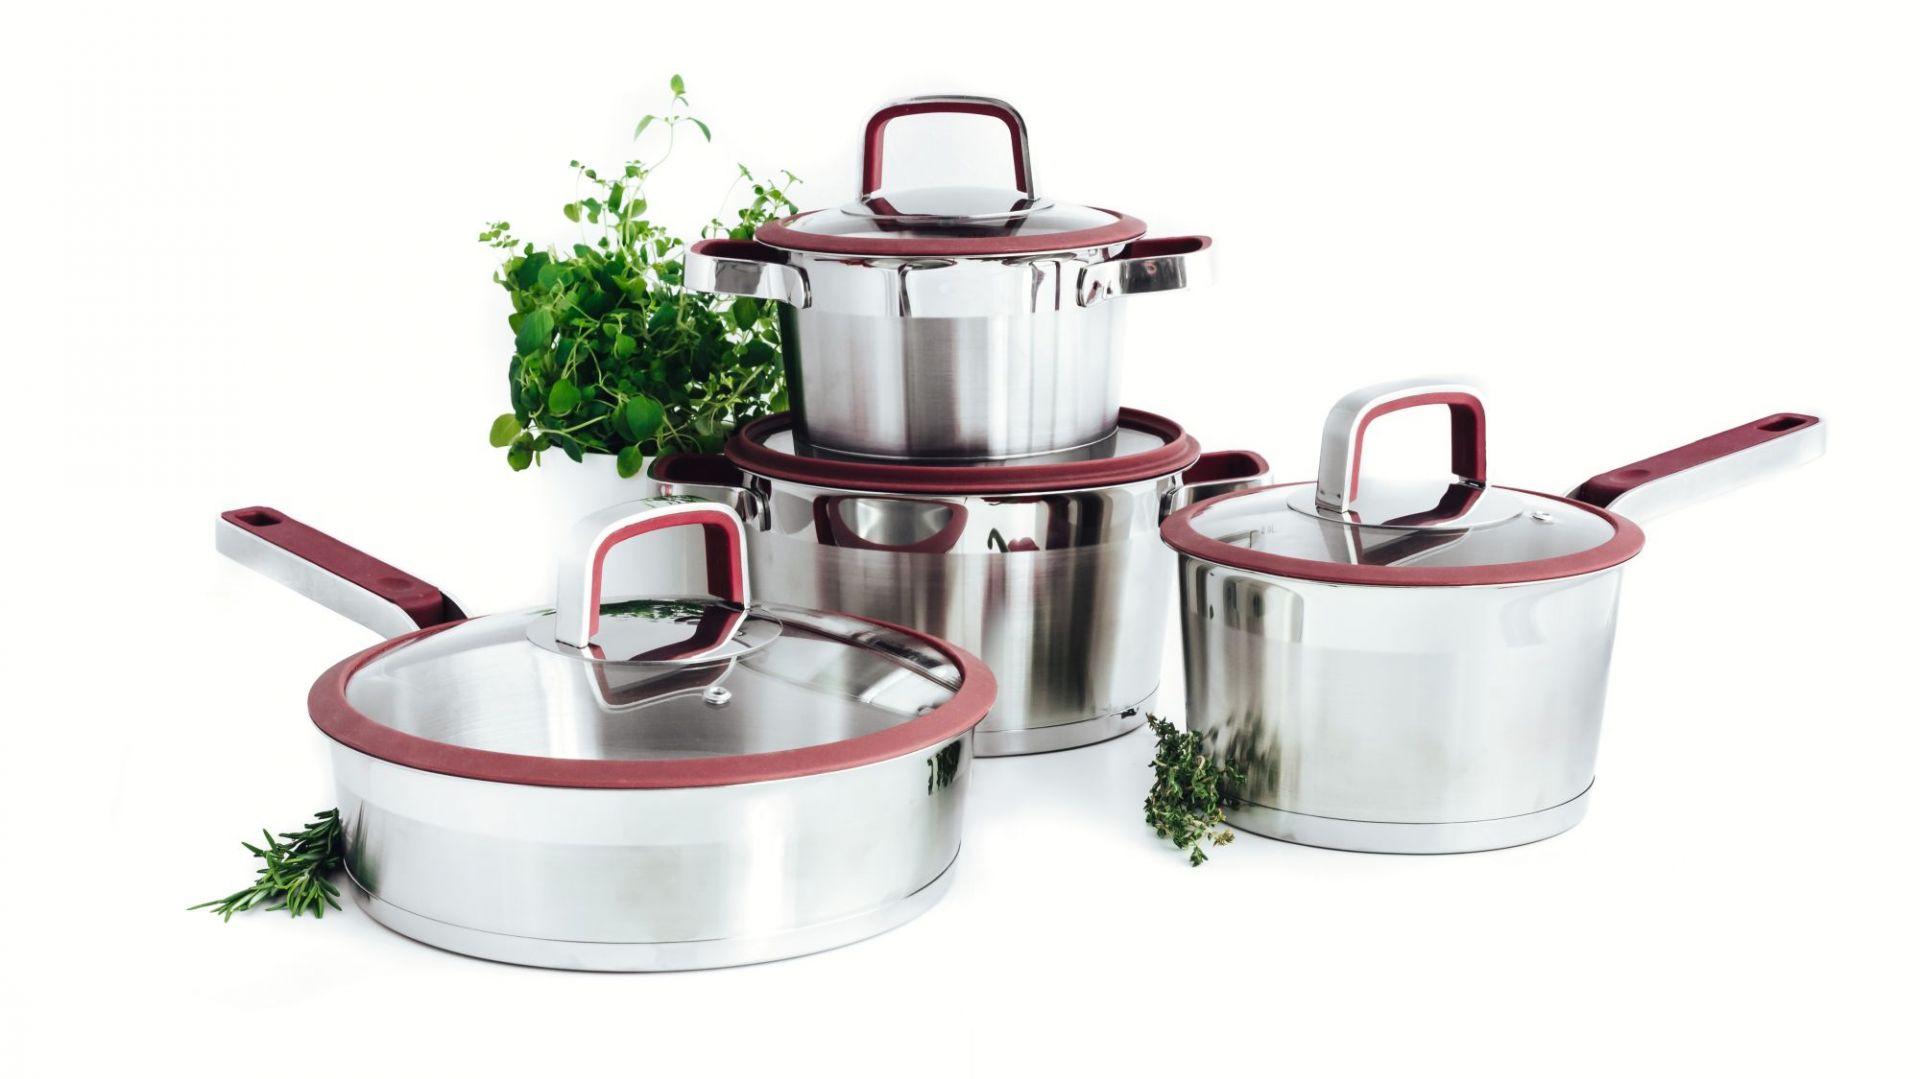 Letnie gotowanie - wybierz dobre naczynia. Fot. Duka